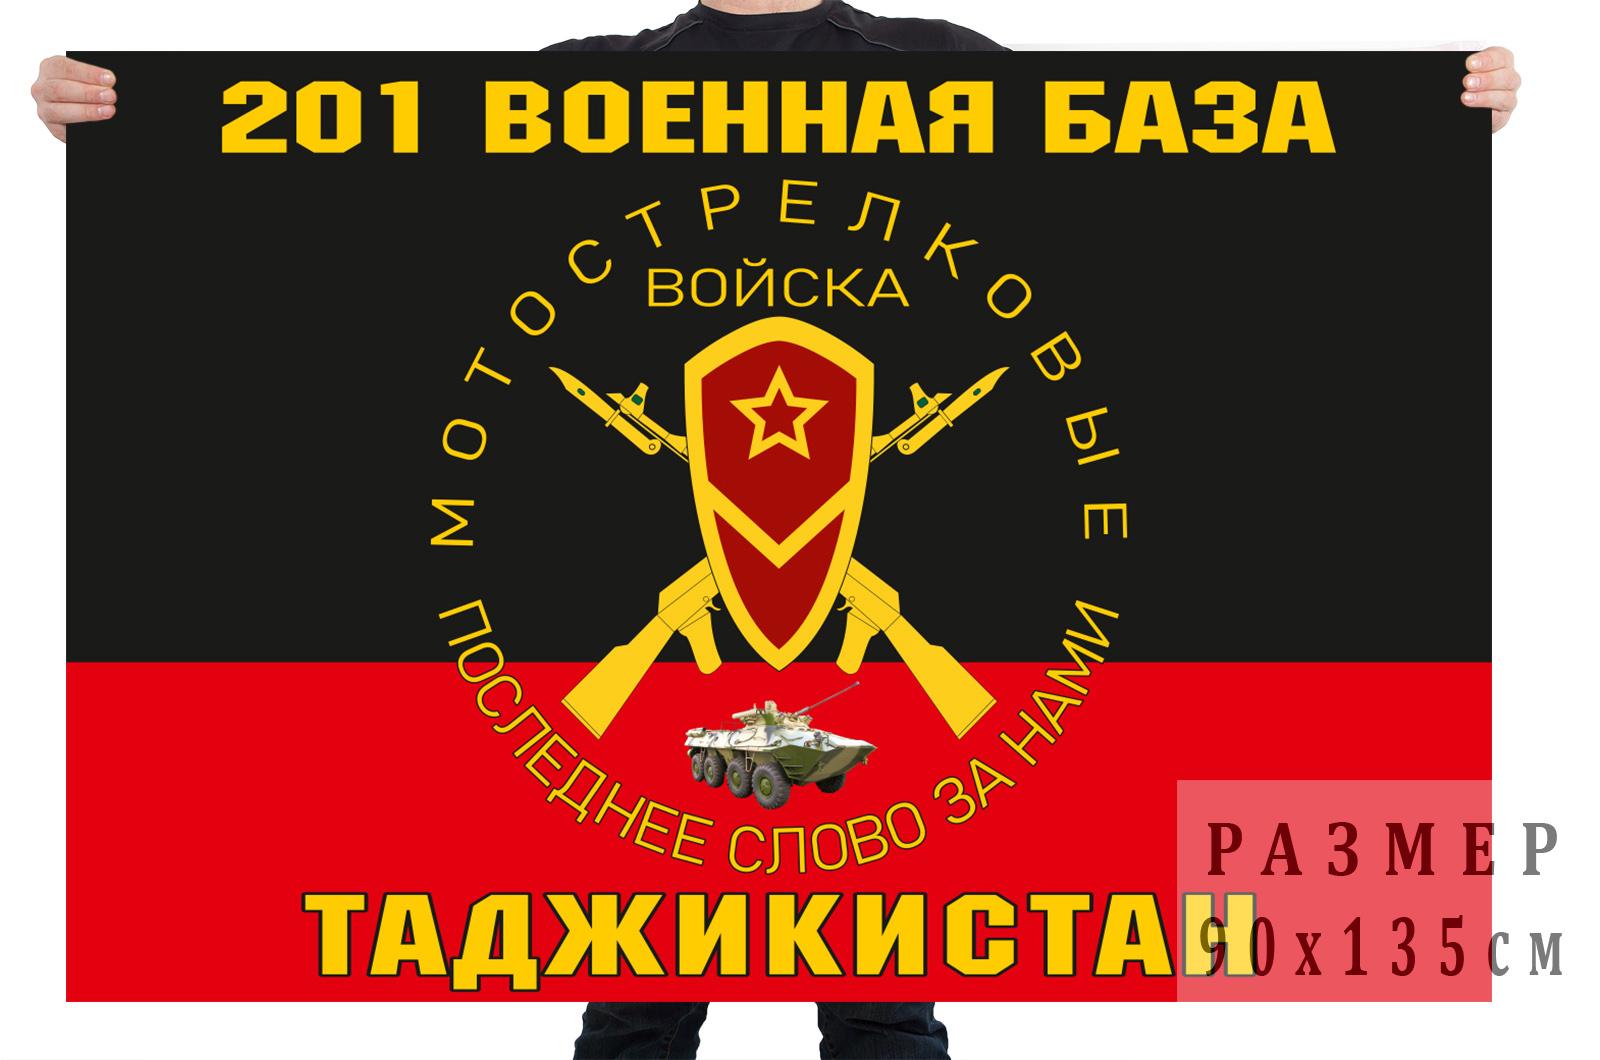 Купить в интернете флаг Мотострелковых войск 201 военная база, Таджикистан